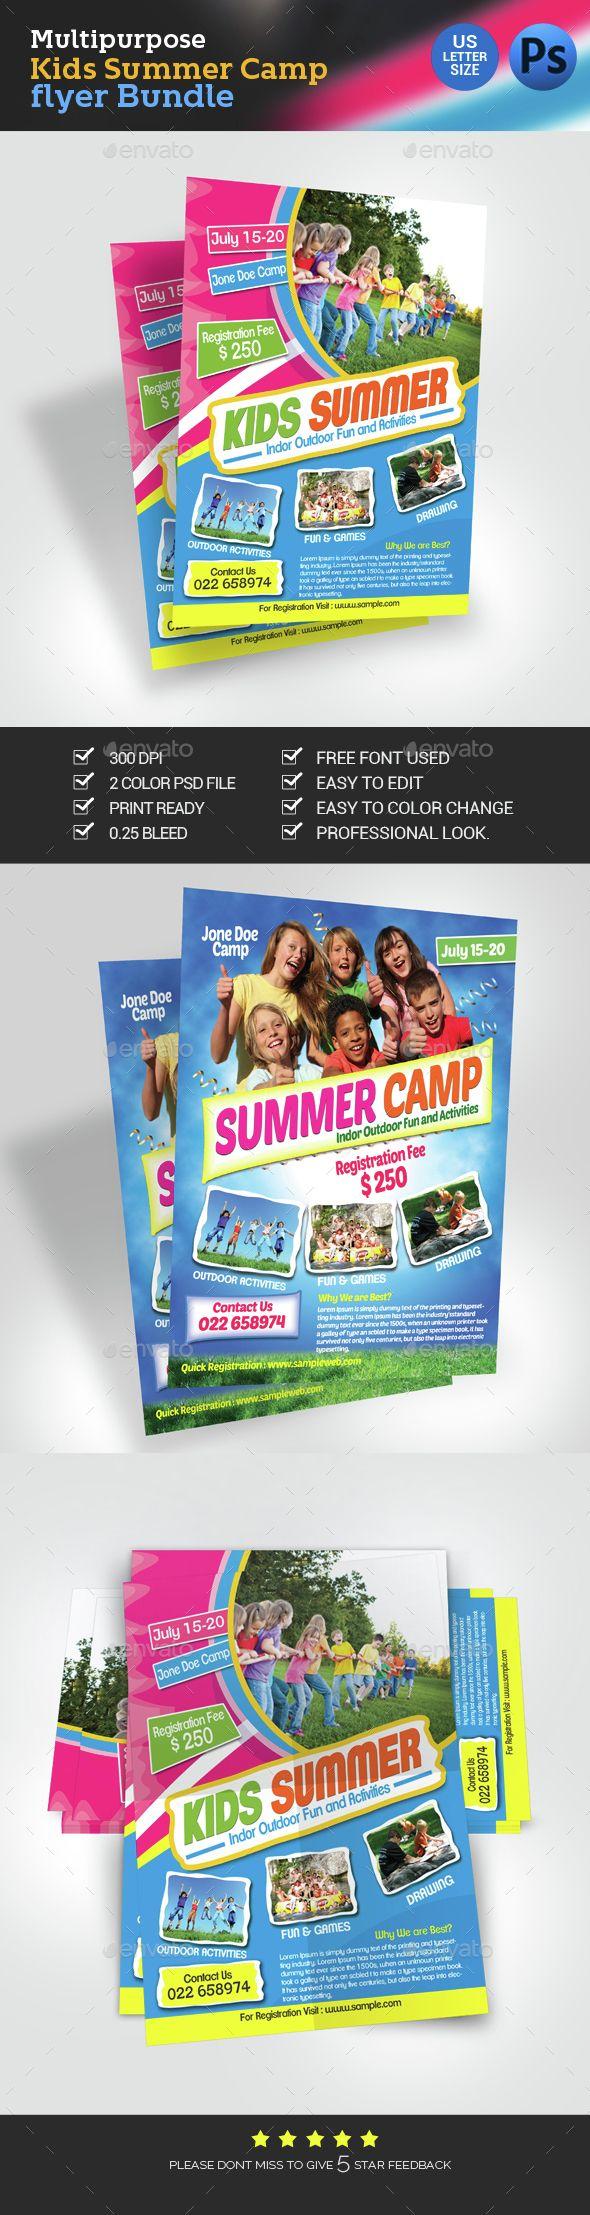 17 best images about child care branding logo kids summer camp flyer bundle